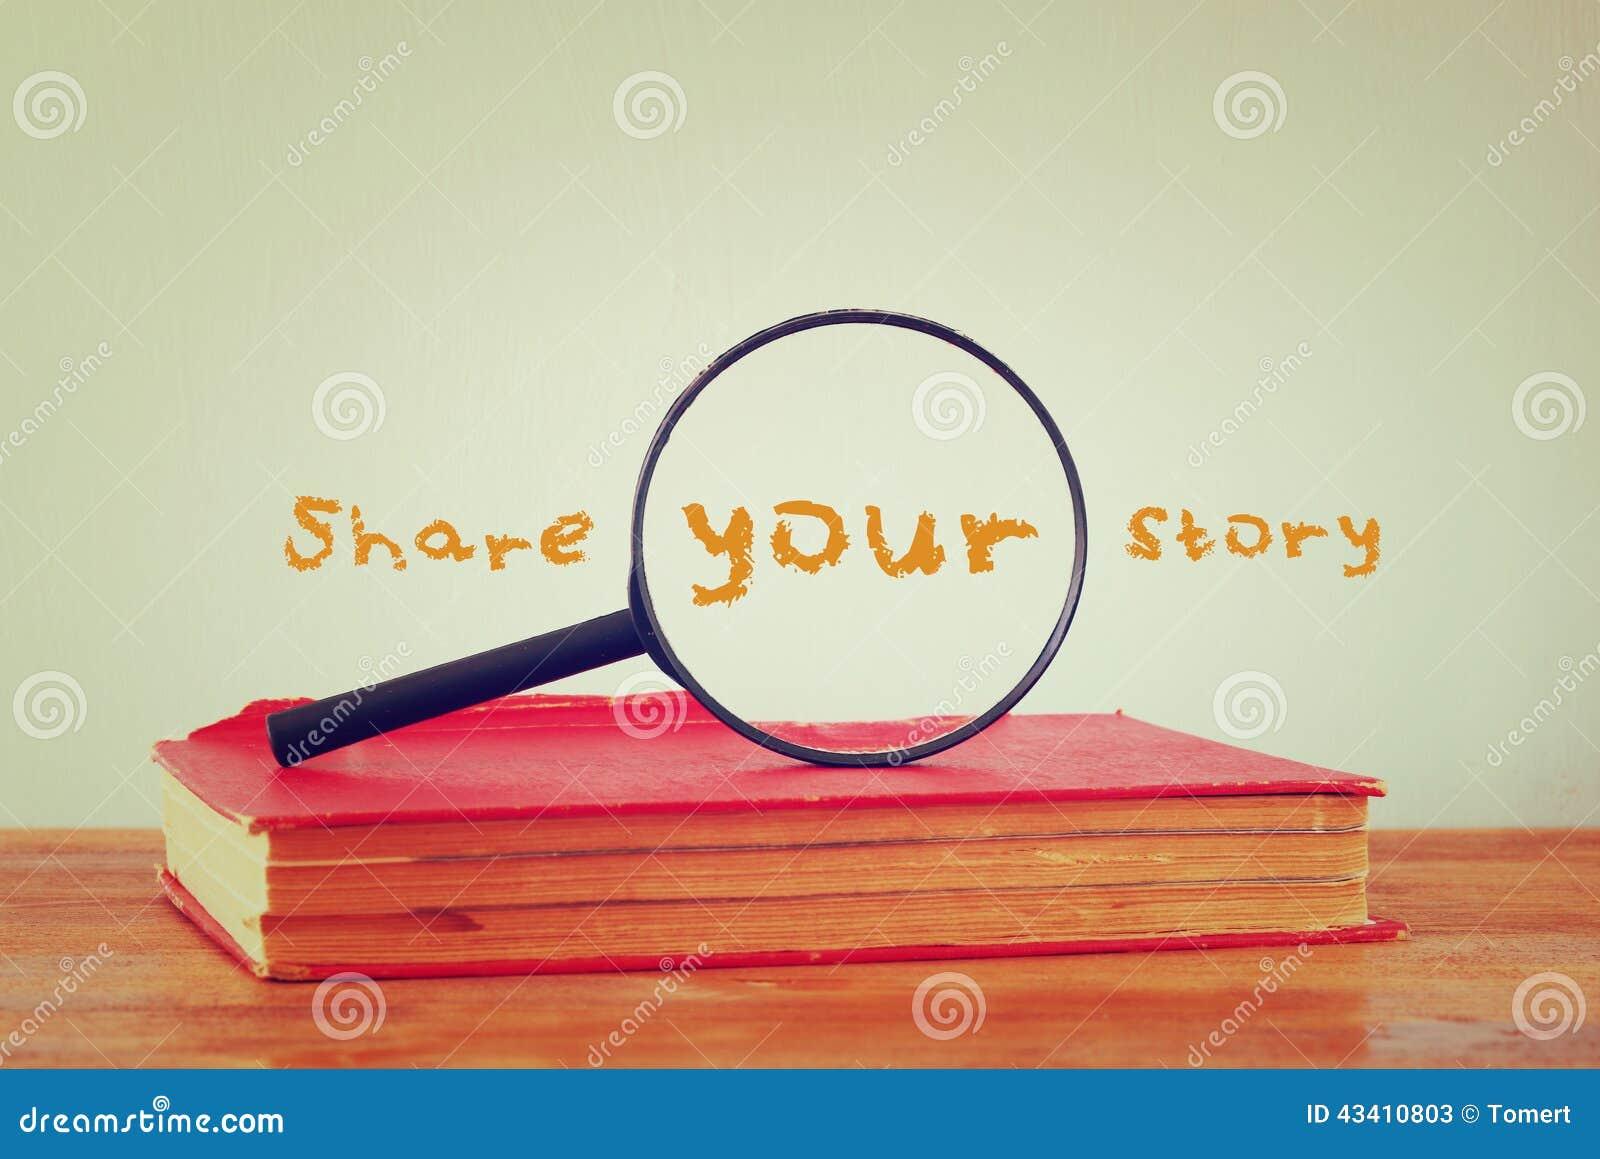 Vergrootglas, oud boek met het uitdrukkingsaandeel uw verhaal Gefiltreerd beeld